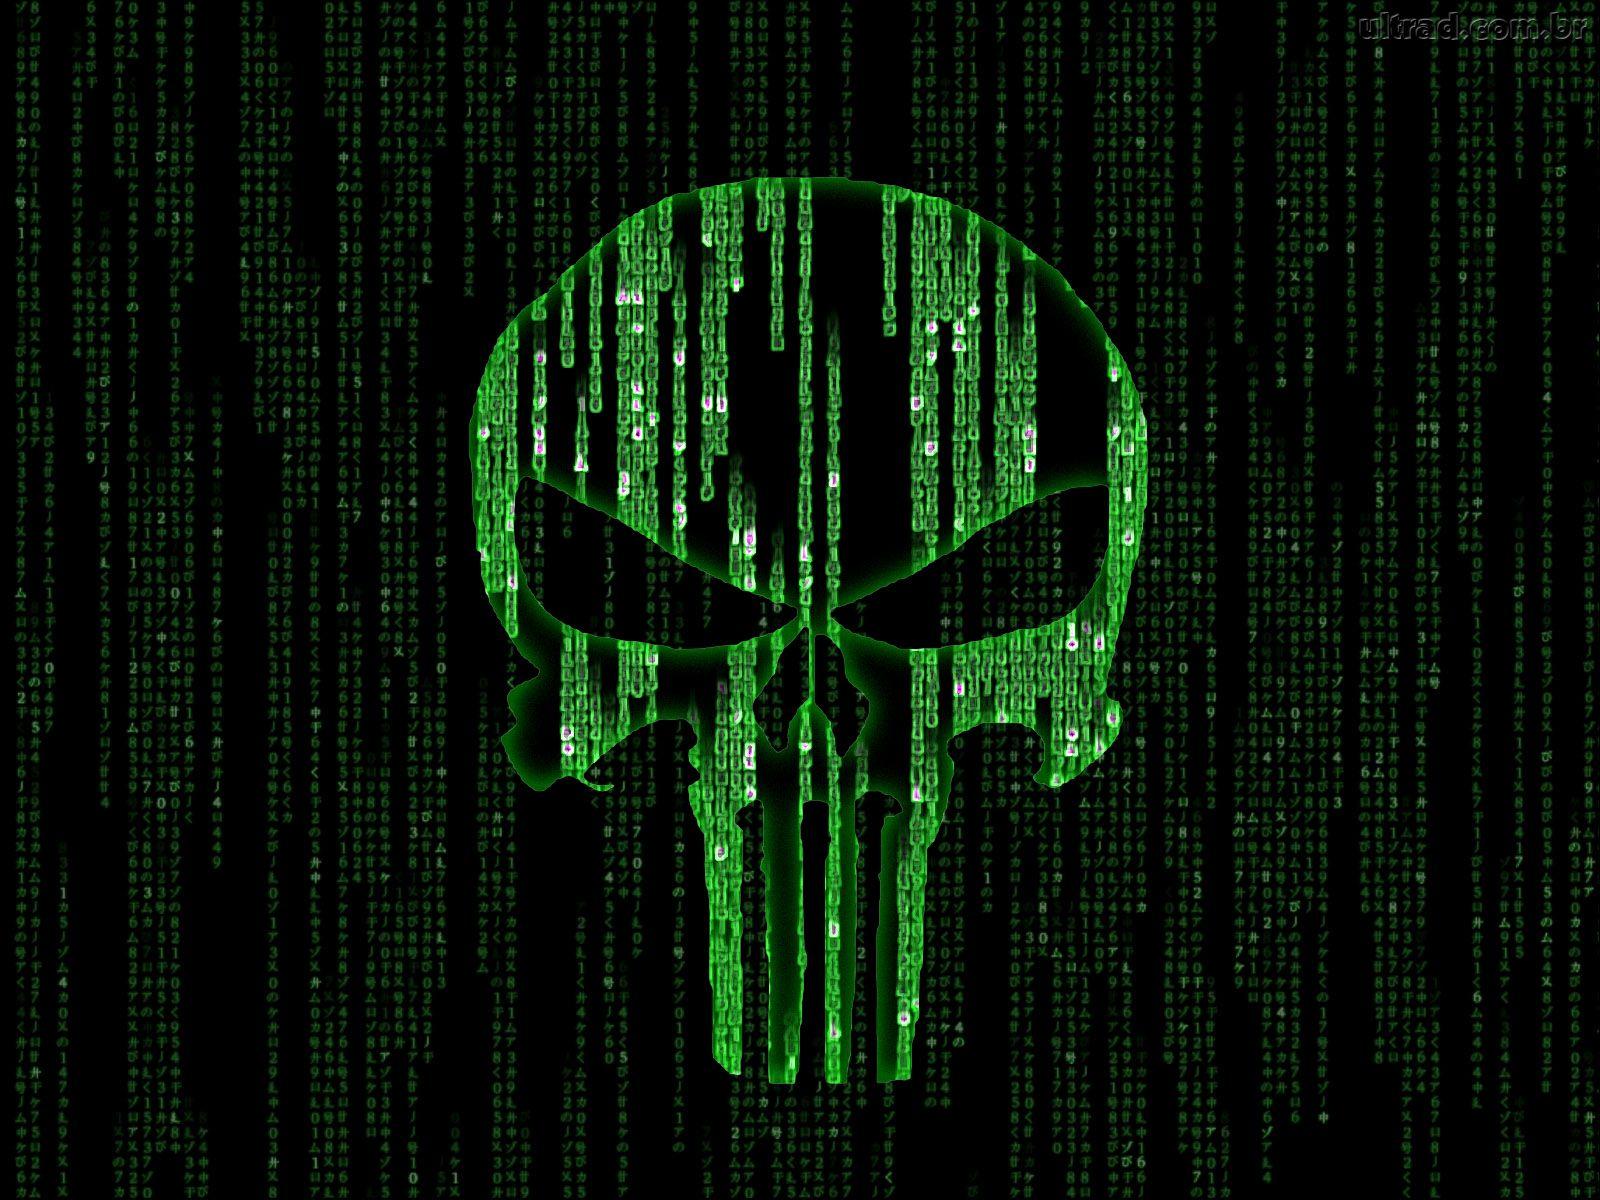 170871 Papel de Parede O Justiceiro The Punisher  170871 1600x1200jpg 1600x1200